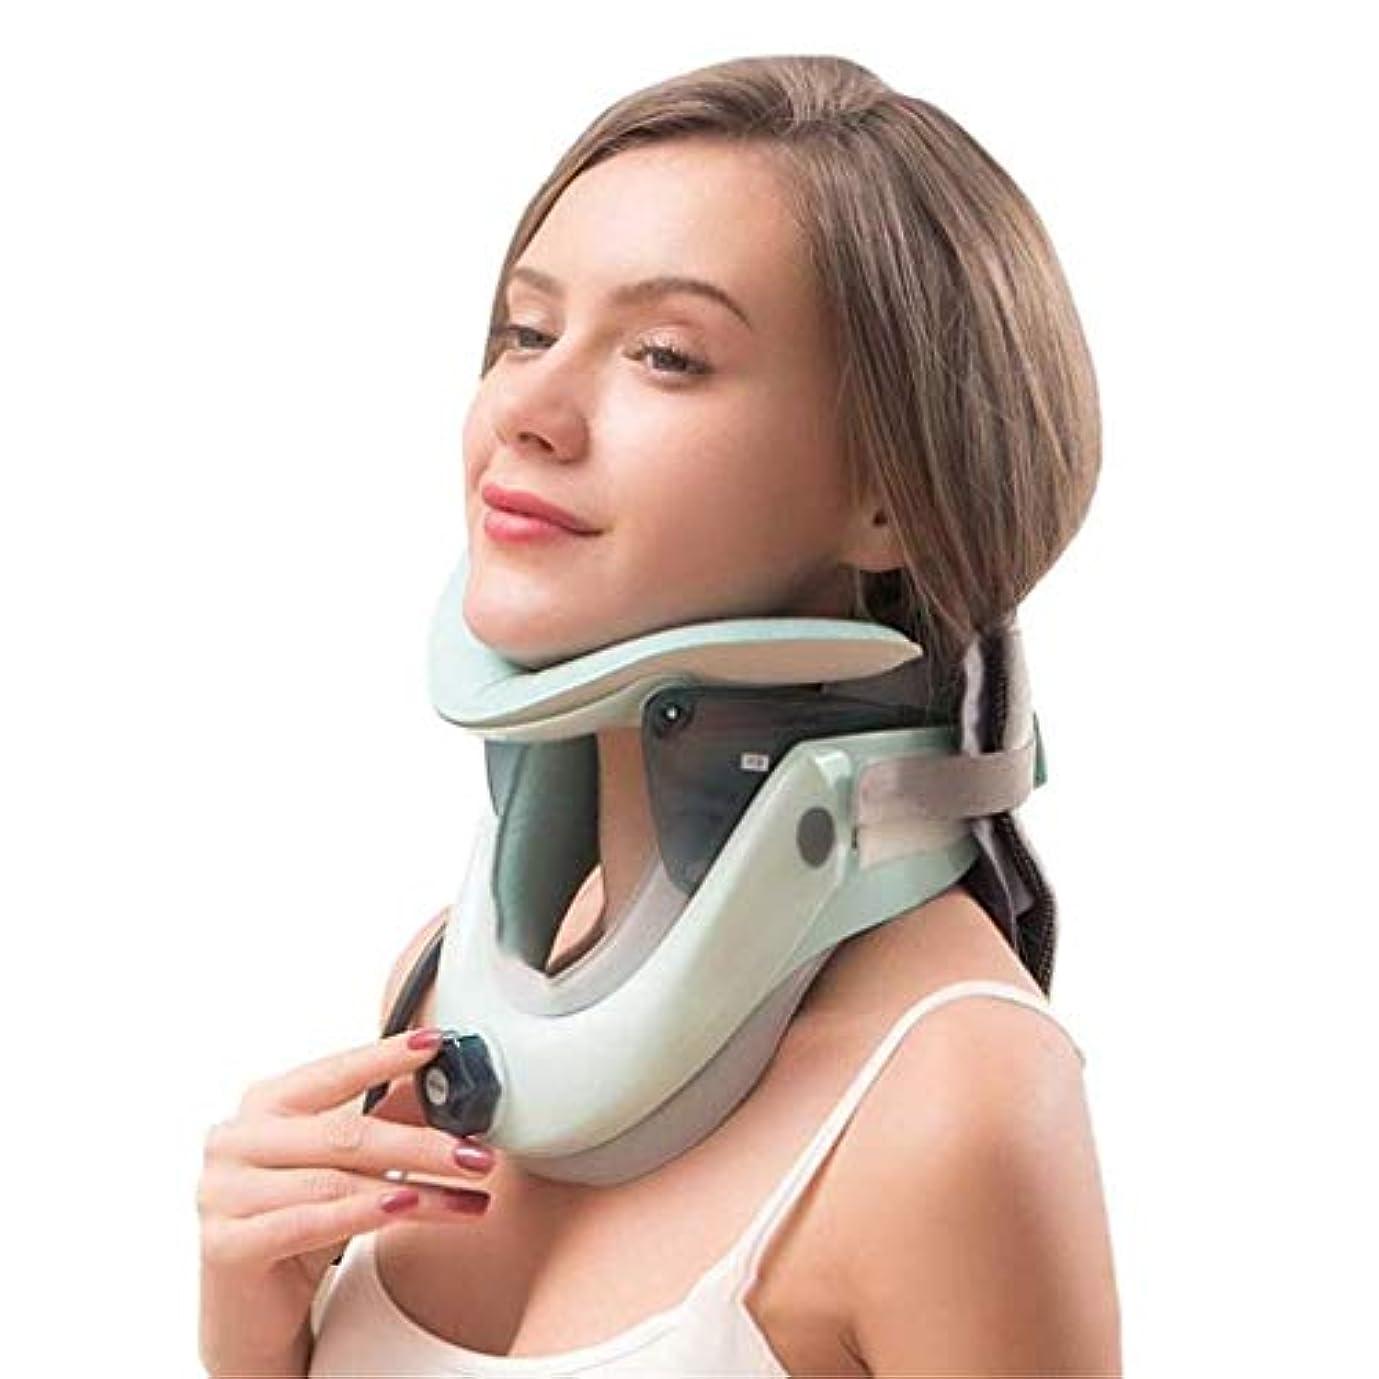 政治ベリー戻る頸部牽引ツール、医療用頸部牽引装置、家庭用インフレータブルネックサポート頸部サポート、ストレッチヘッド補正サポート、首と肩のマッサージャーのサポート痛みの軽減